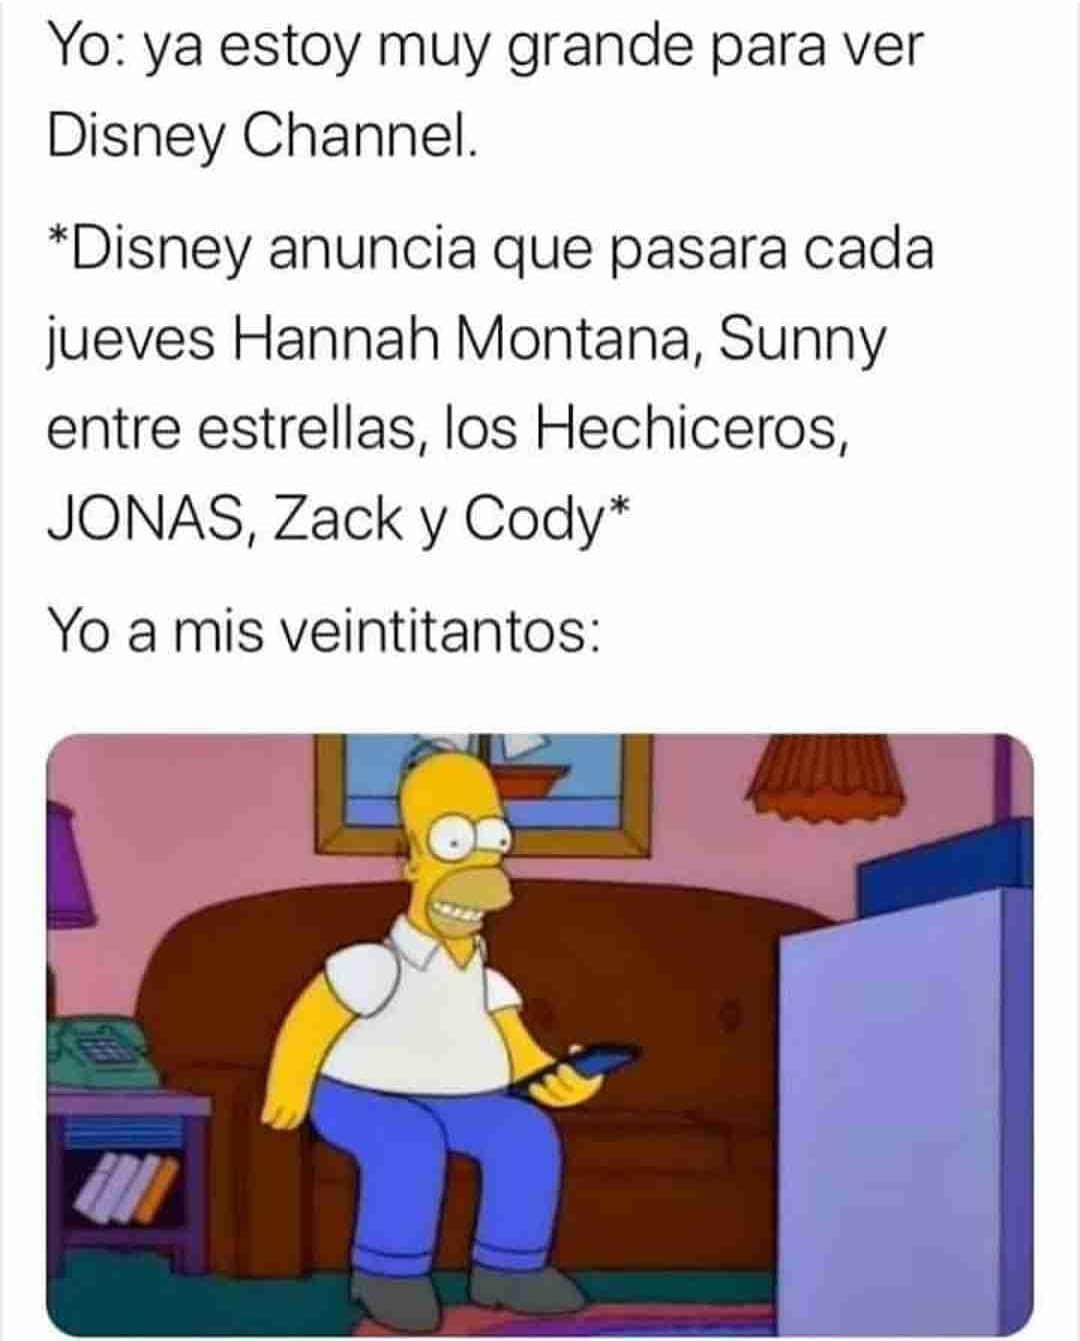 Yo: ya estoy muy grande para ver Disney Channel.  *Disney anuncia que pasará cada jueves Hannah Montana, Sunny entre estrellas, los Hechiceros, JONAS, Zack y Cody*.  Yo a mis veintitantos: